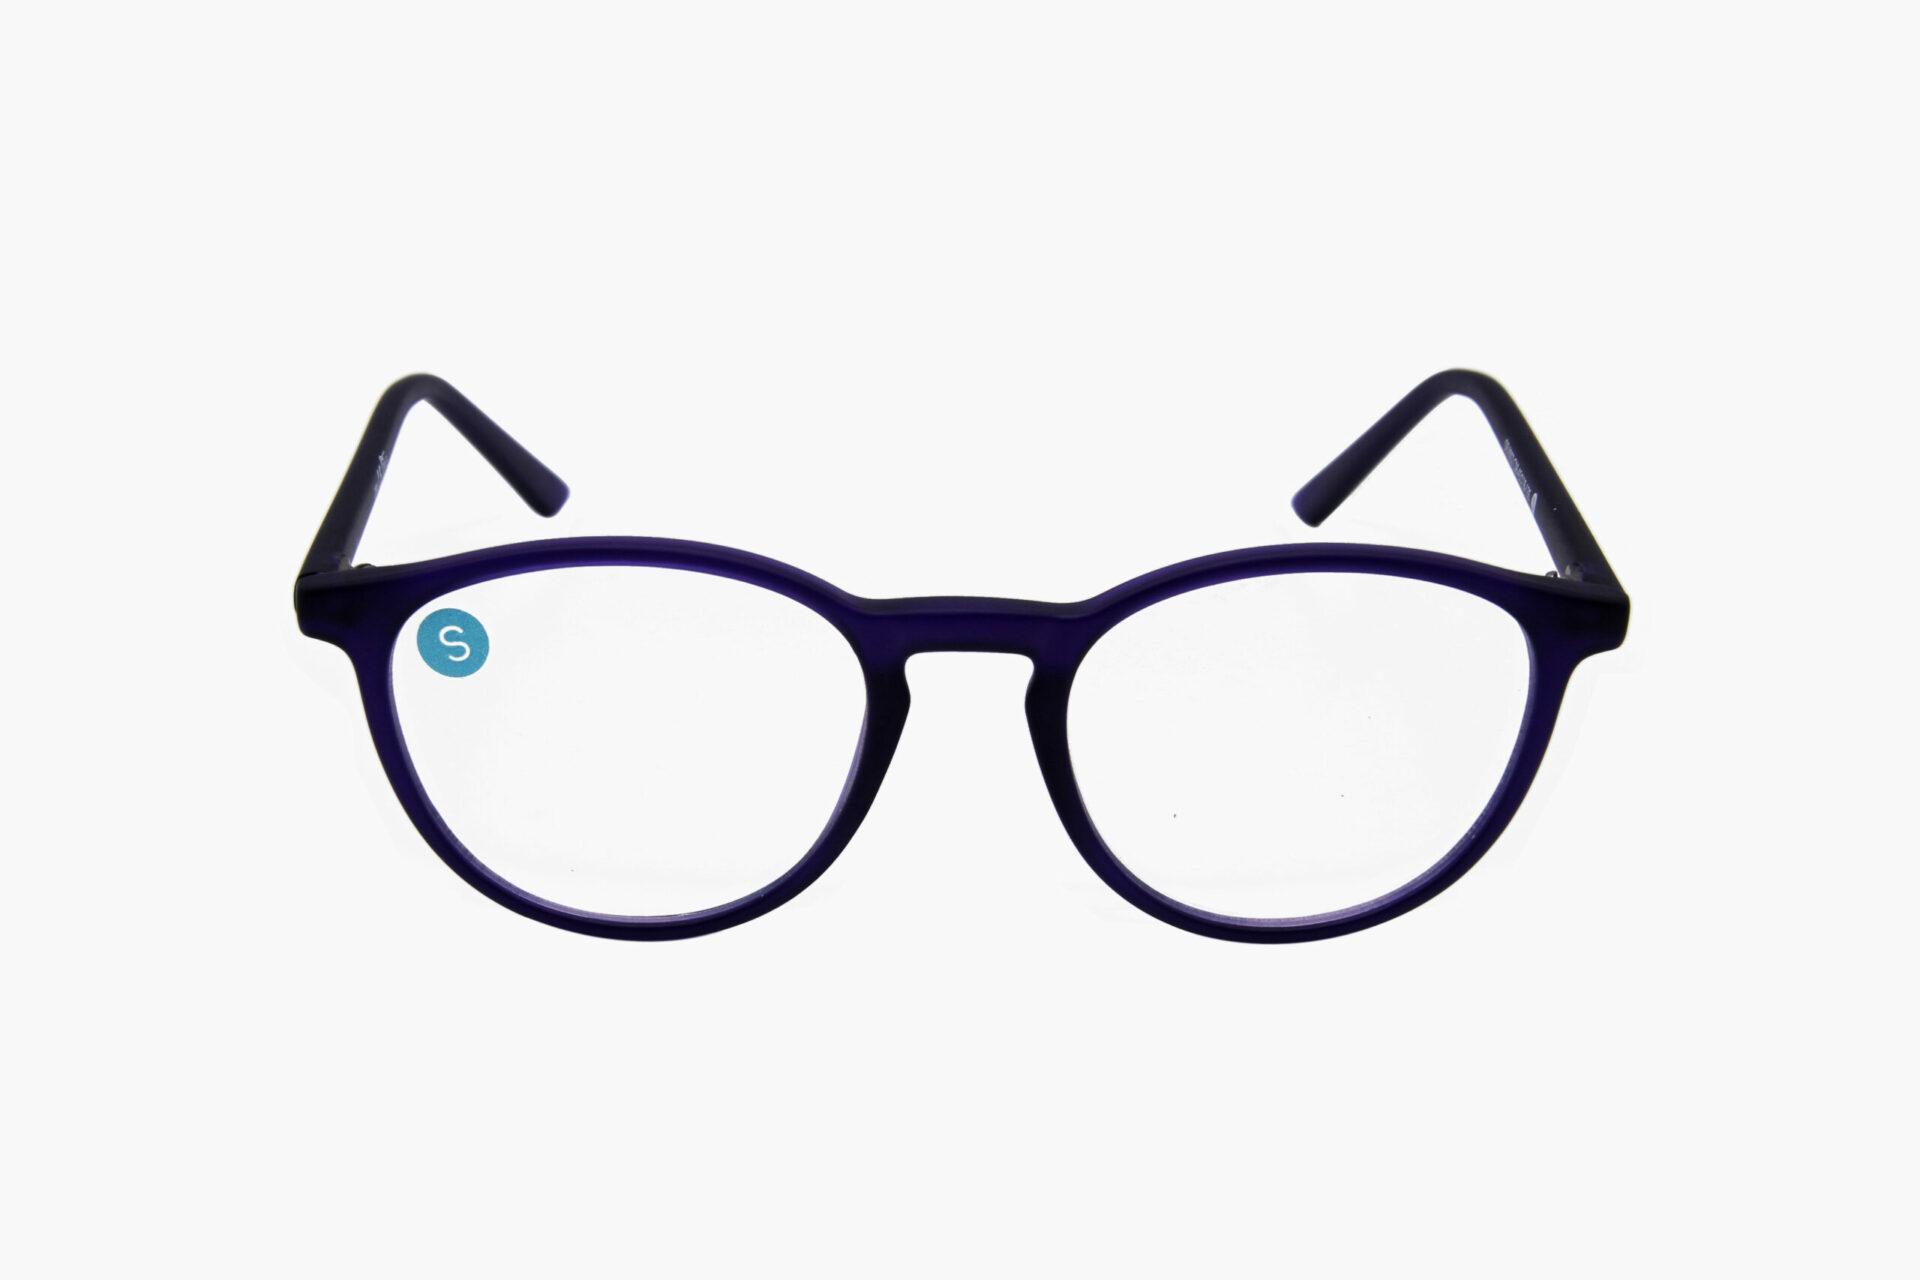 Lunettes lumiere bleue optique mobile cavaillon